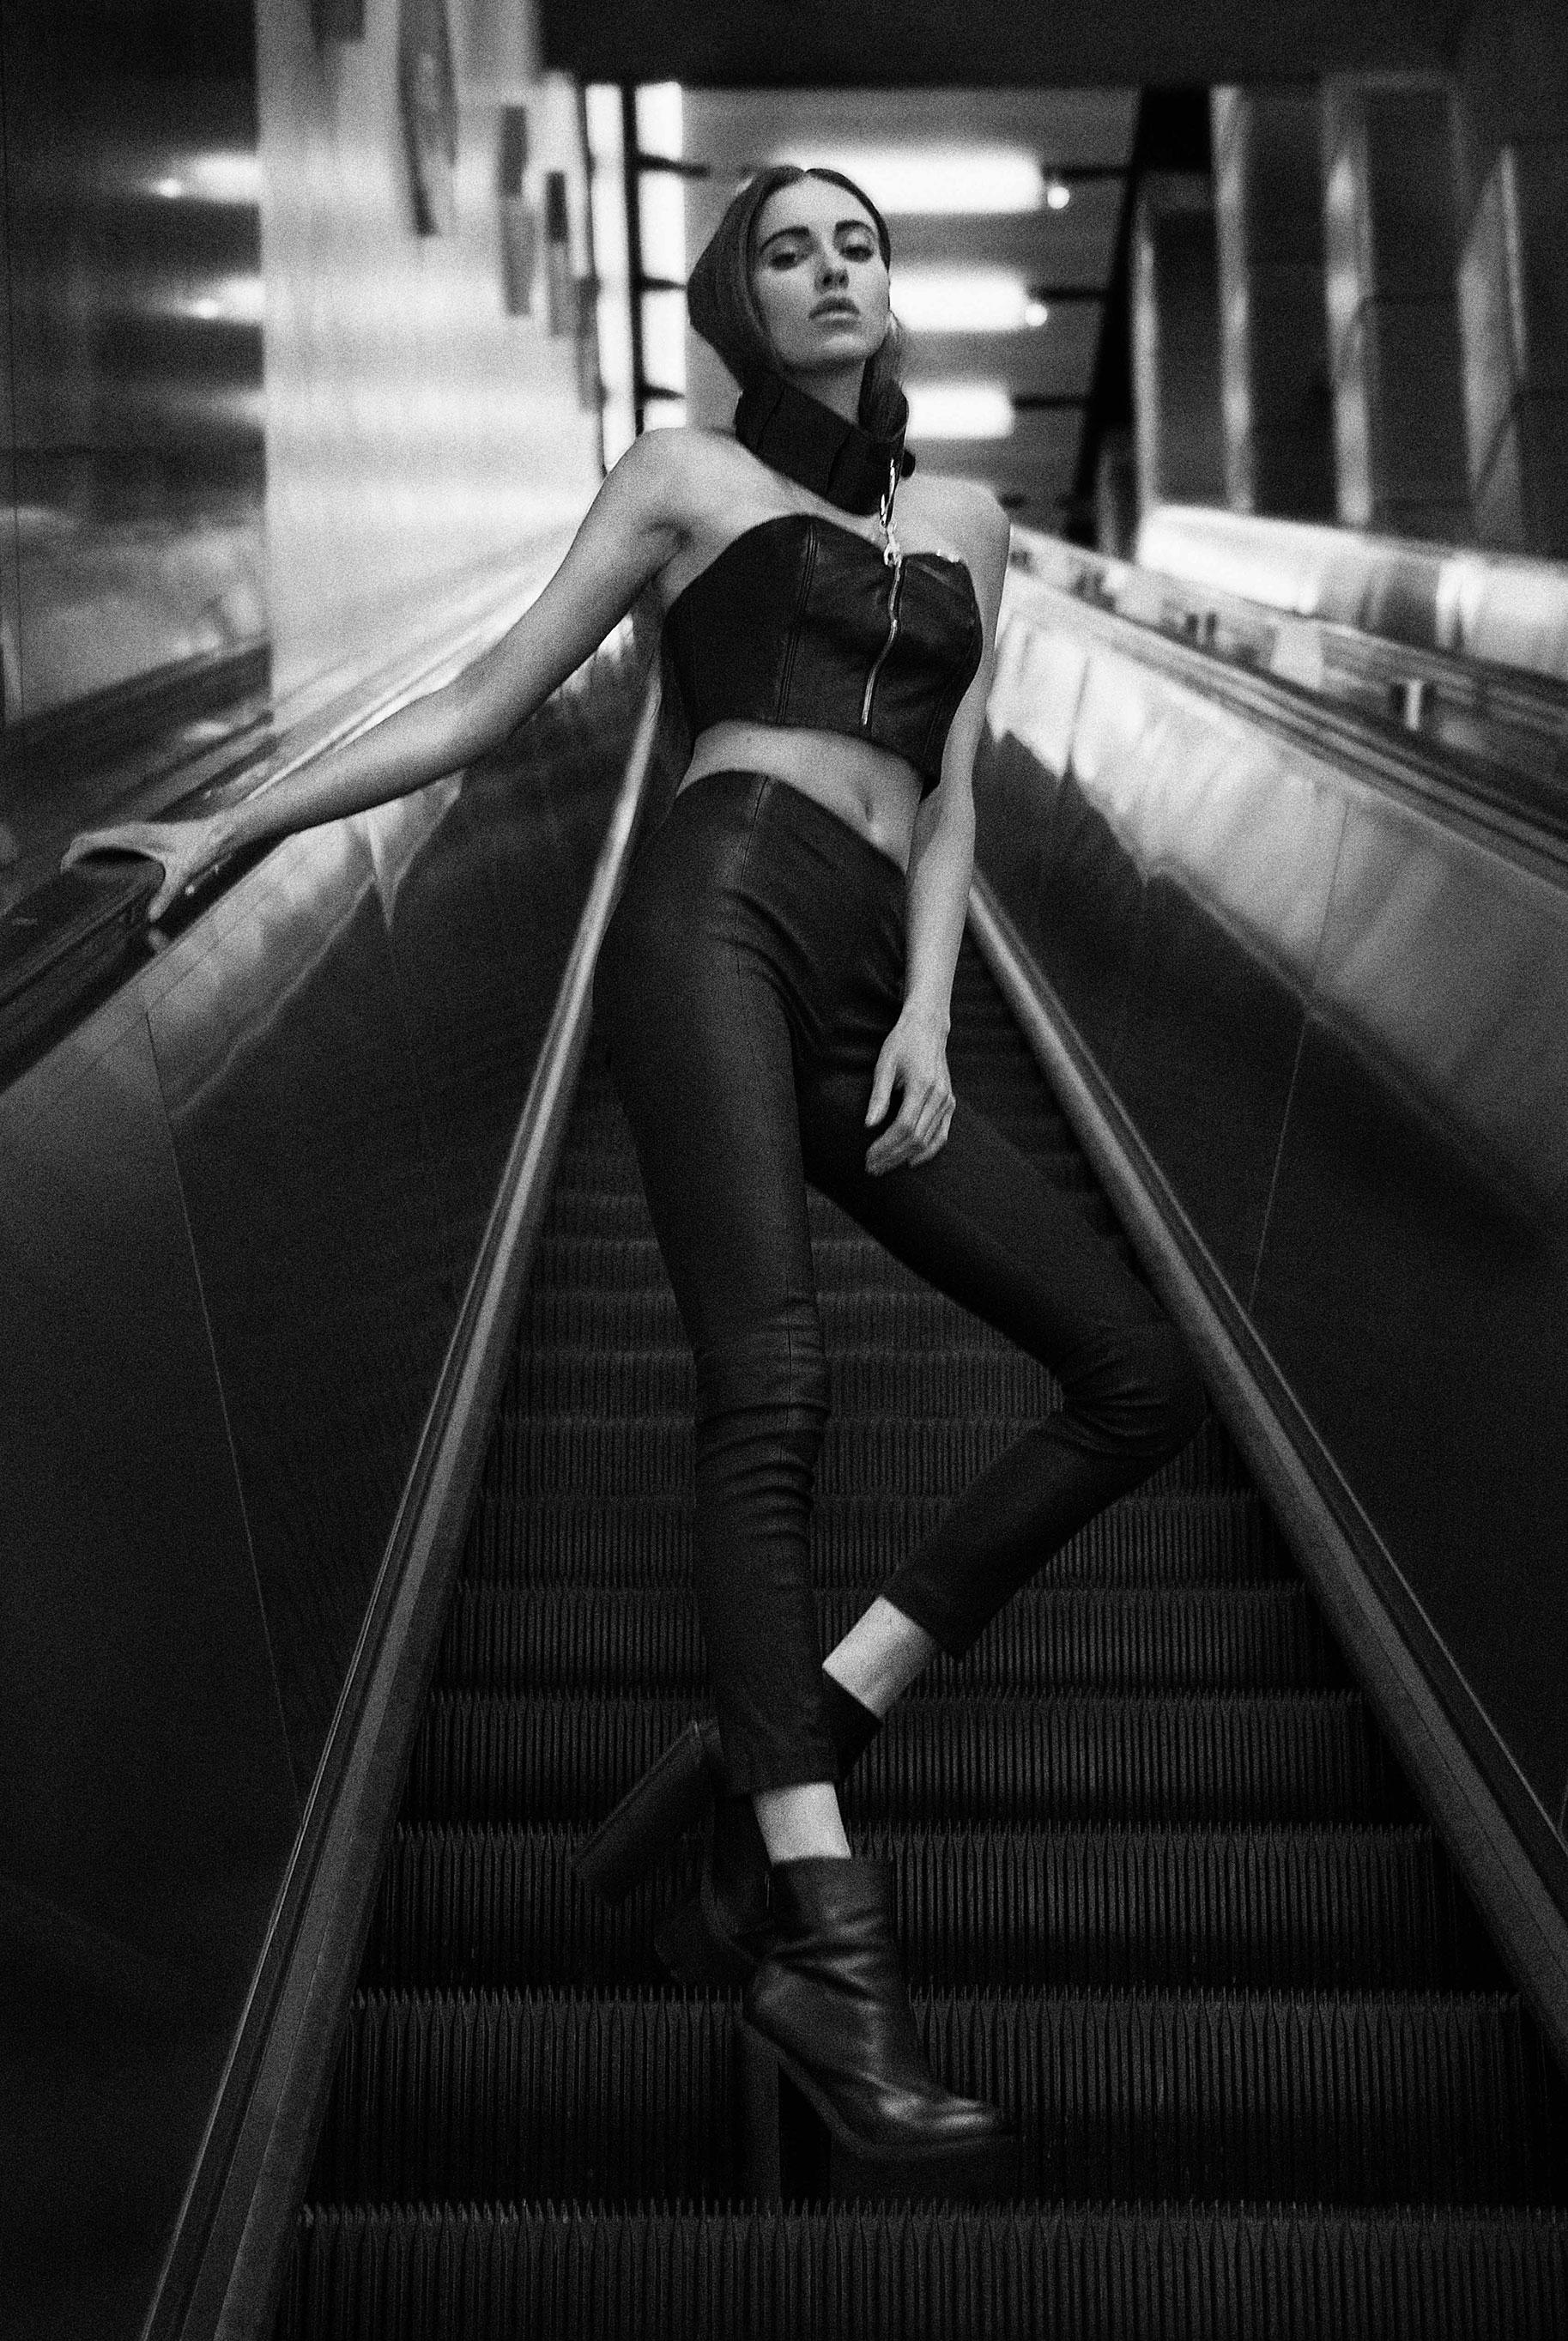 Исследуем метро Нью-Йорка вместе с длинноногой Алекс Фельдман